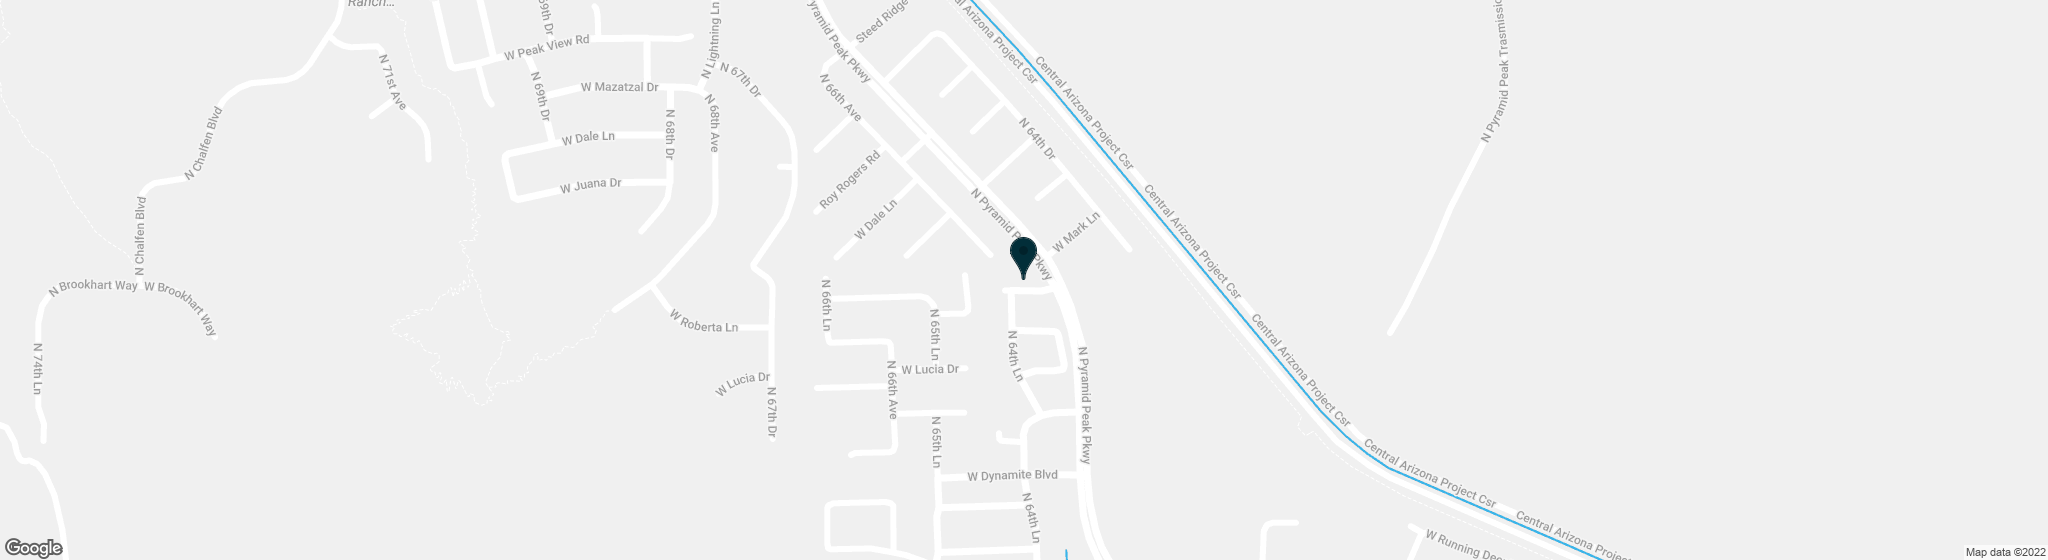 6418 W BROOKHART Way Phoenix AZ 85083